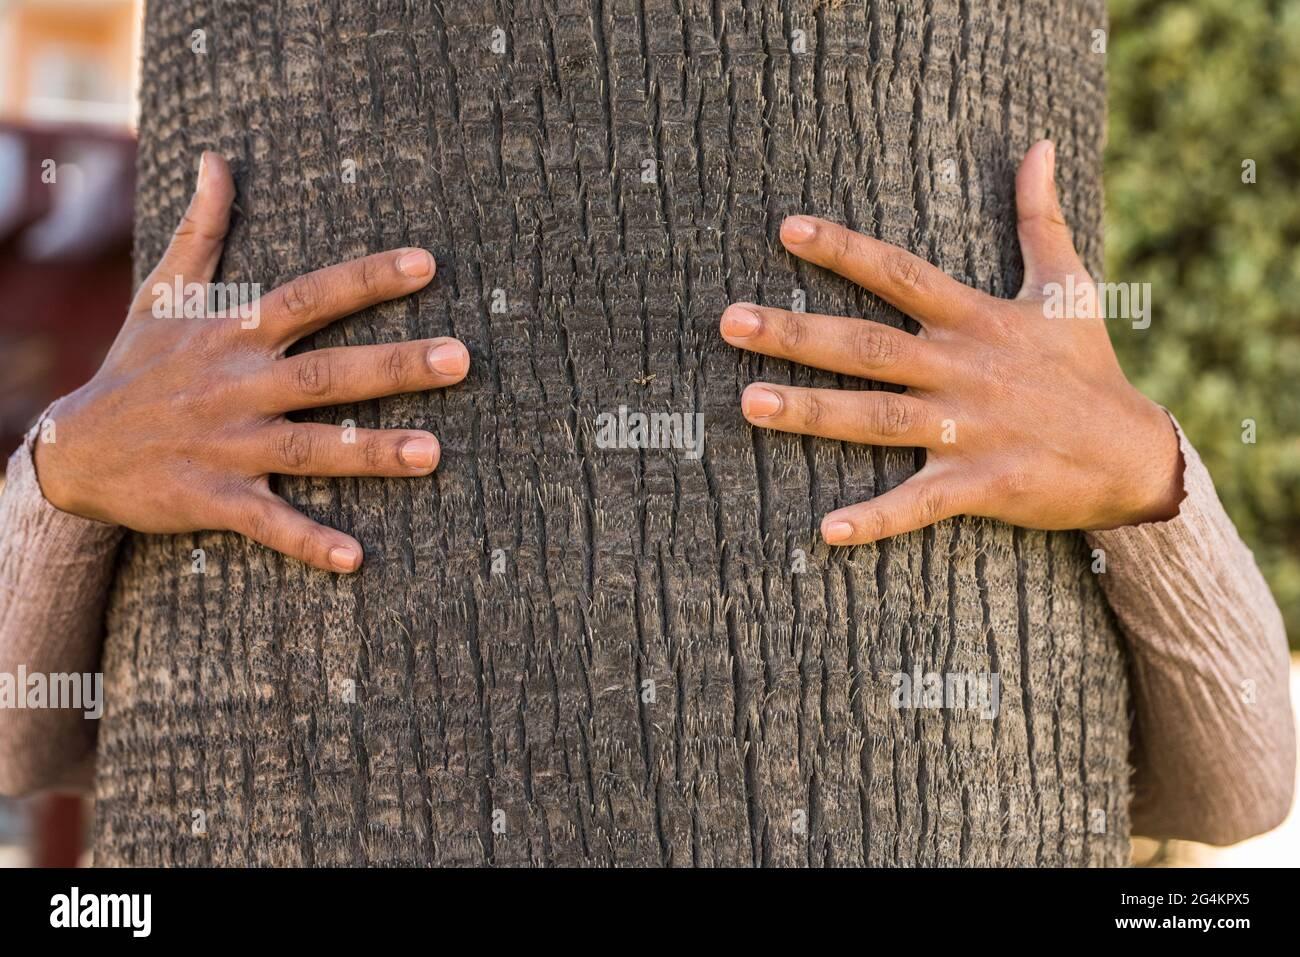 Manos abrazando y protegiendo el árbol de palma - naturaleza medio ambiente concepto de protección segura - árboles de tronco cerca y el abrazo humano Foto de stock